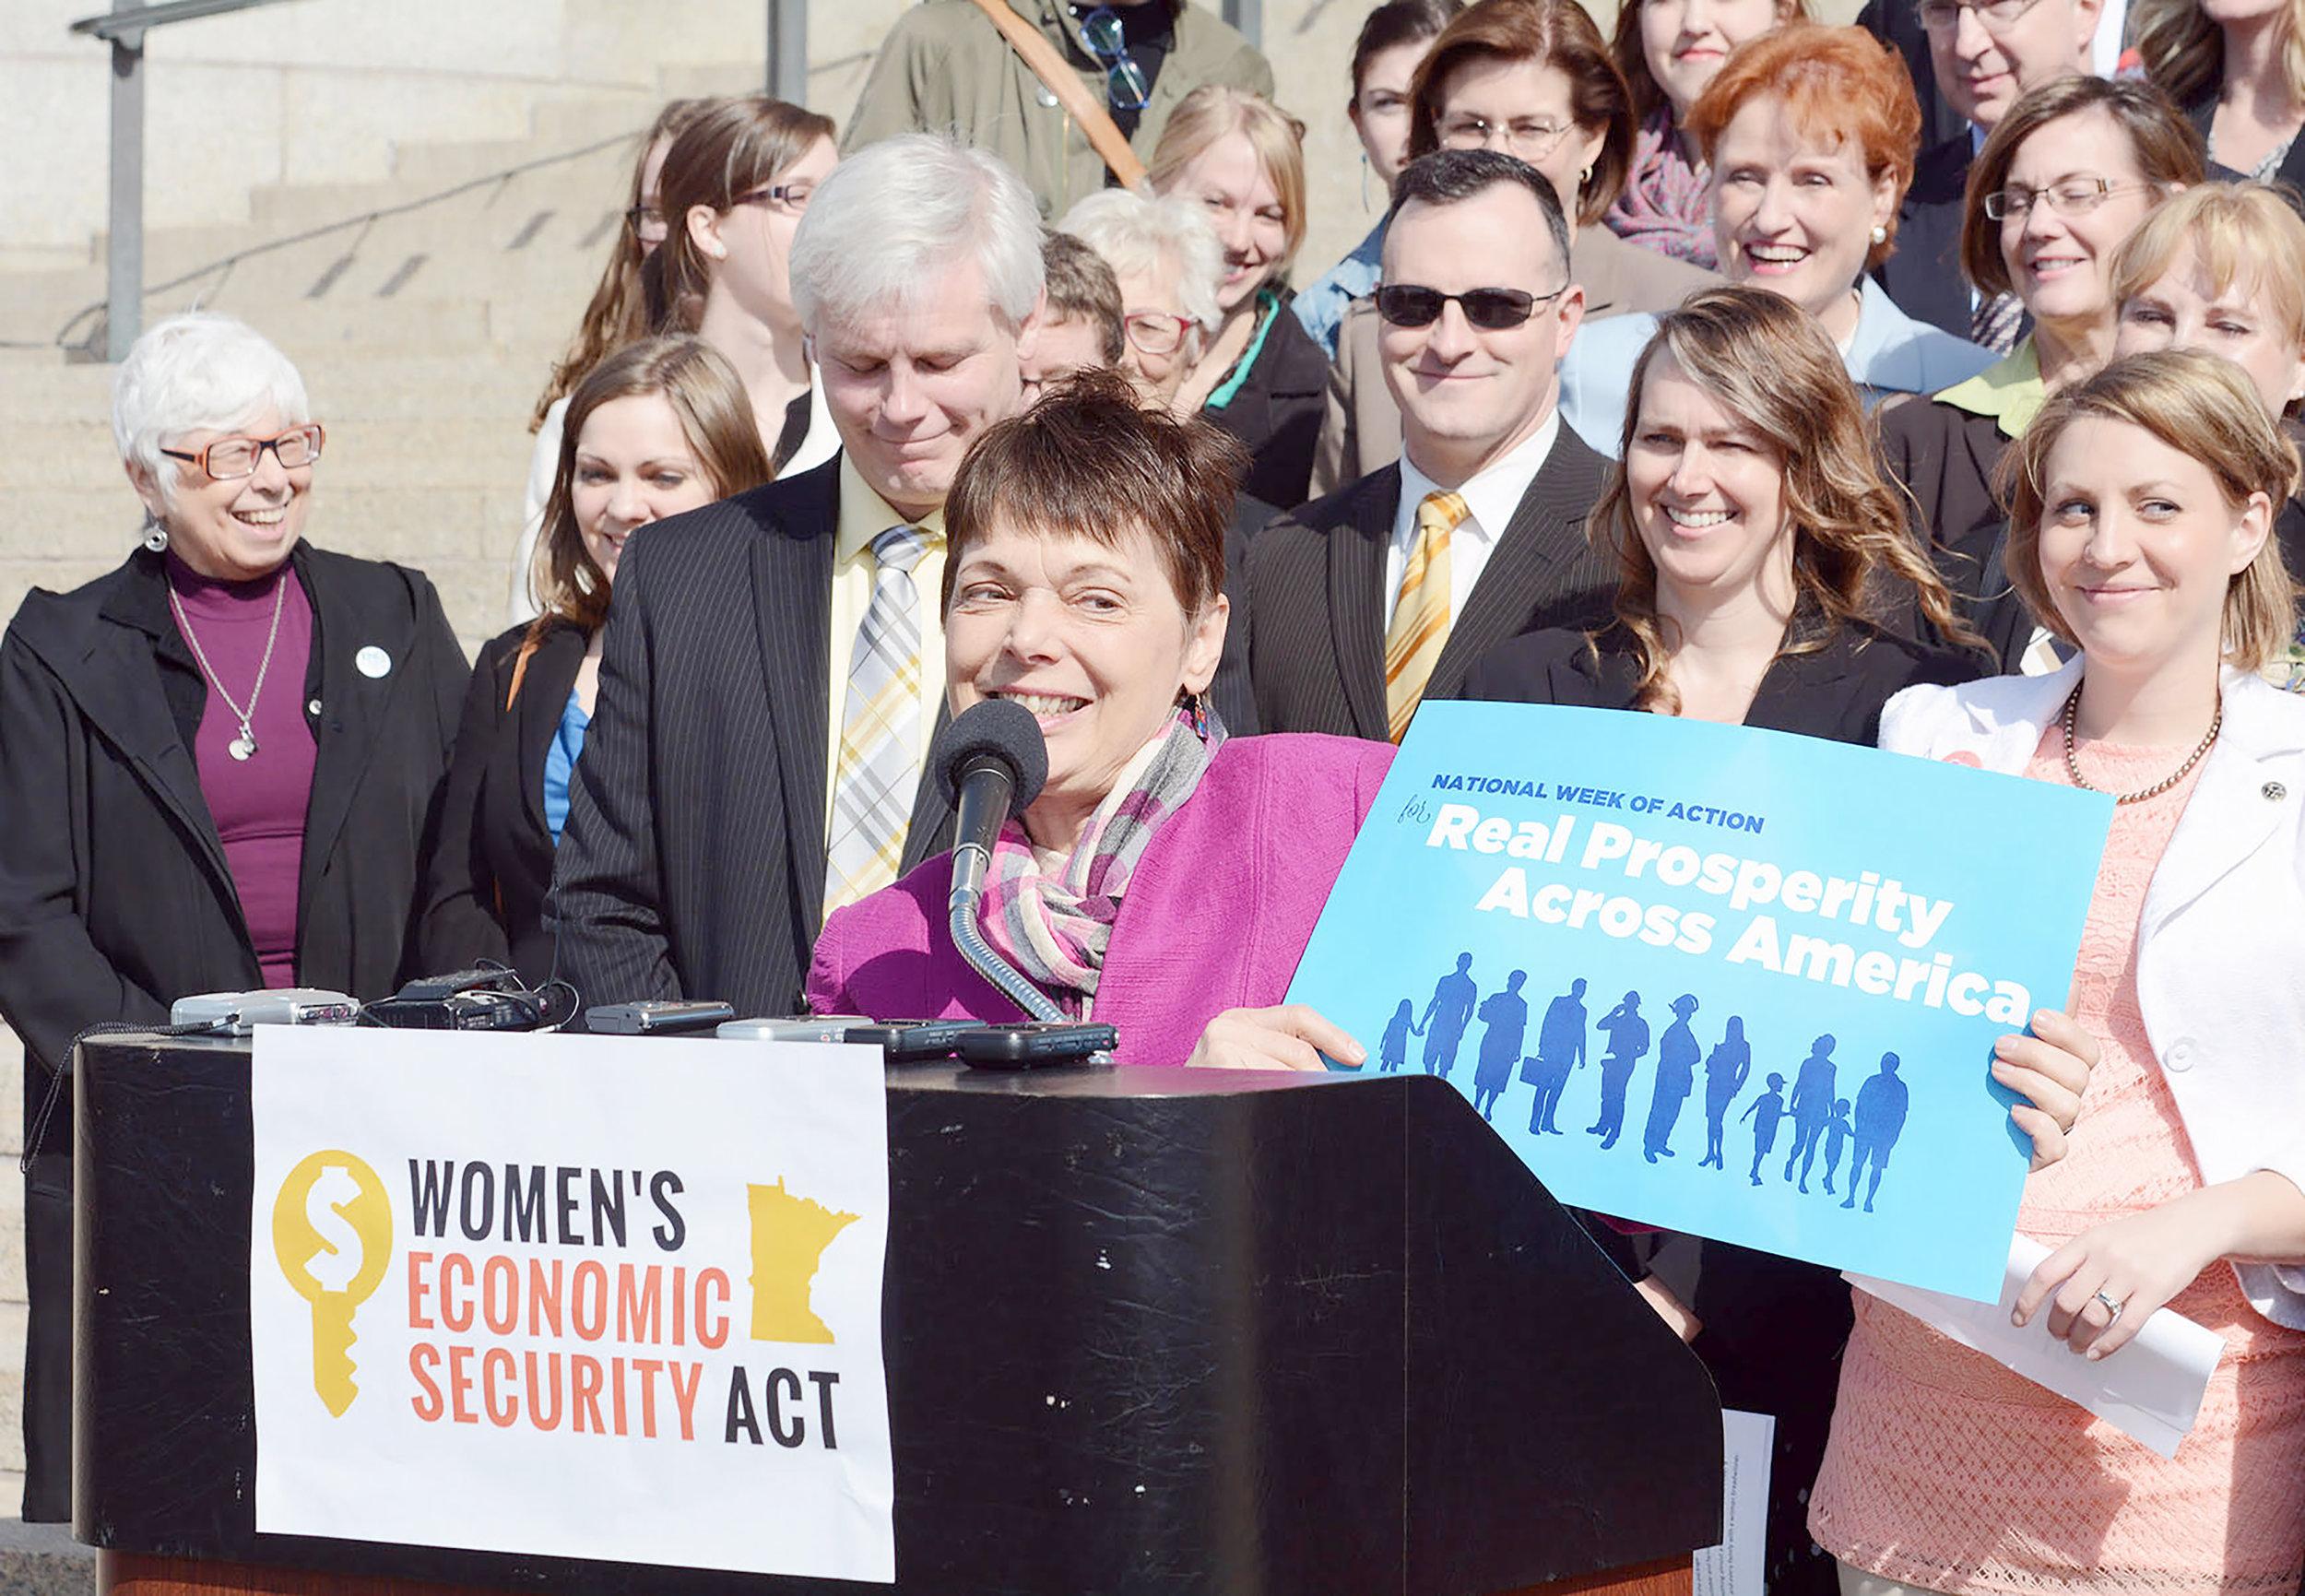 Women's Economic Security Act 2014